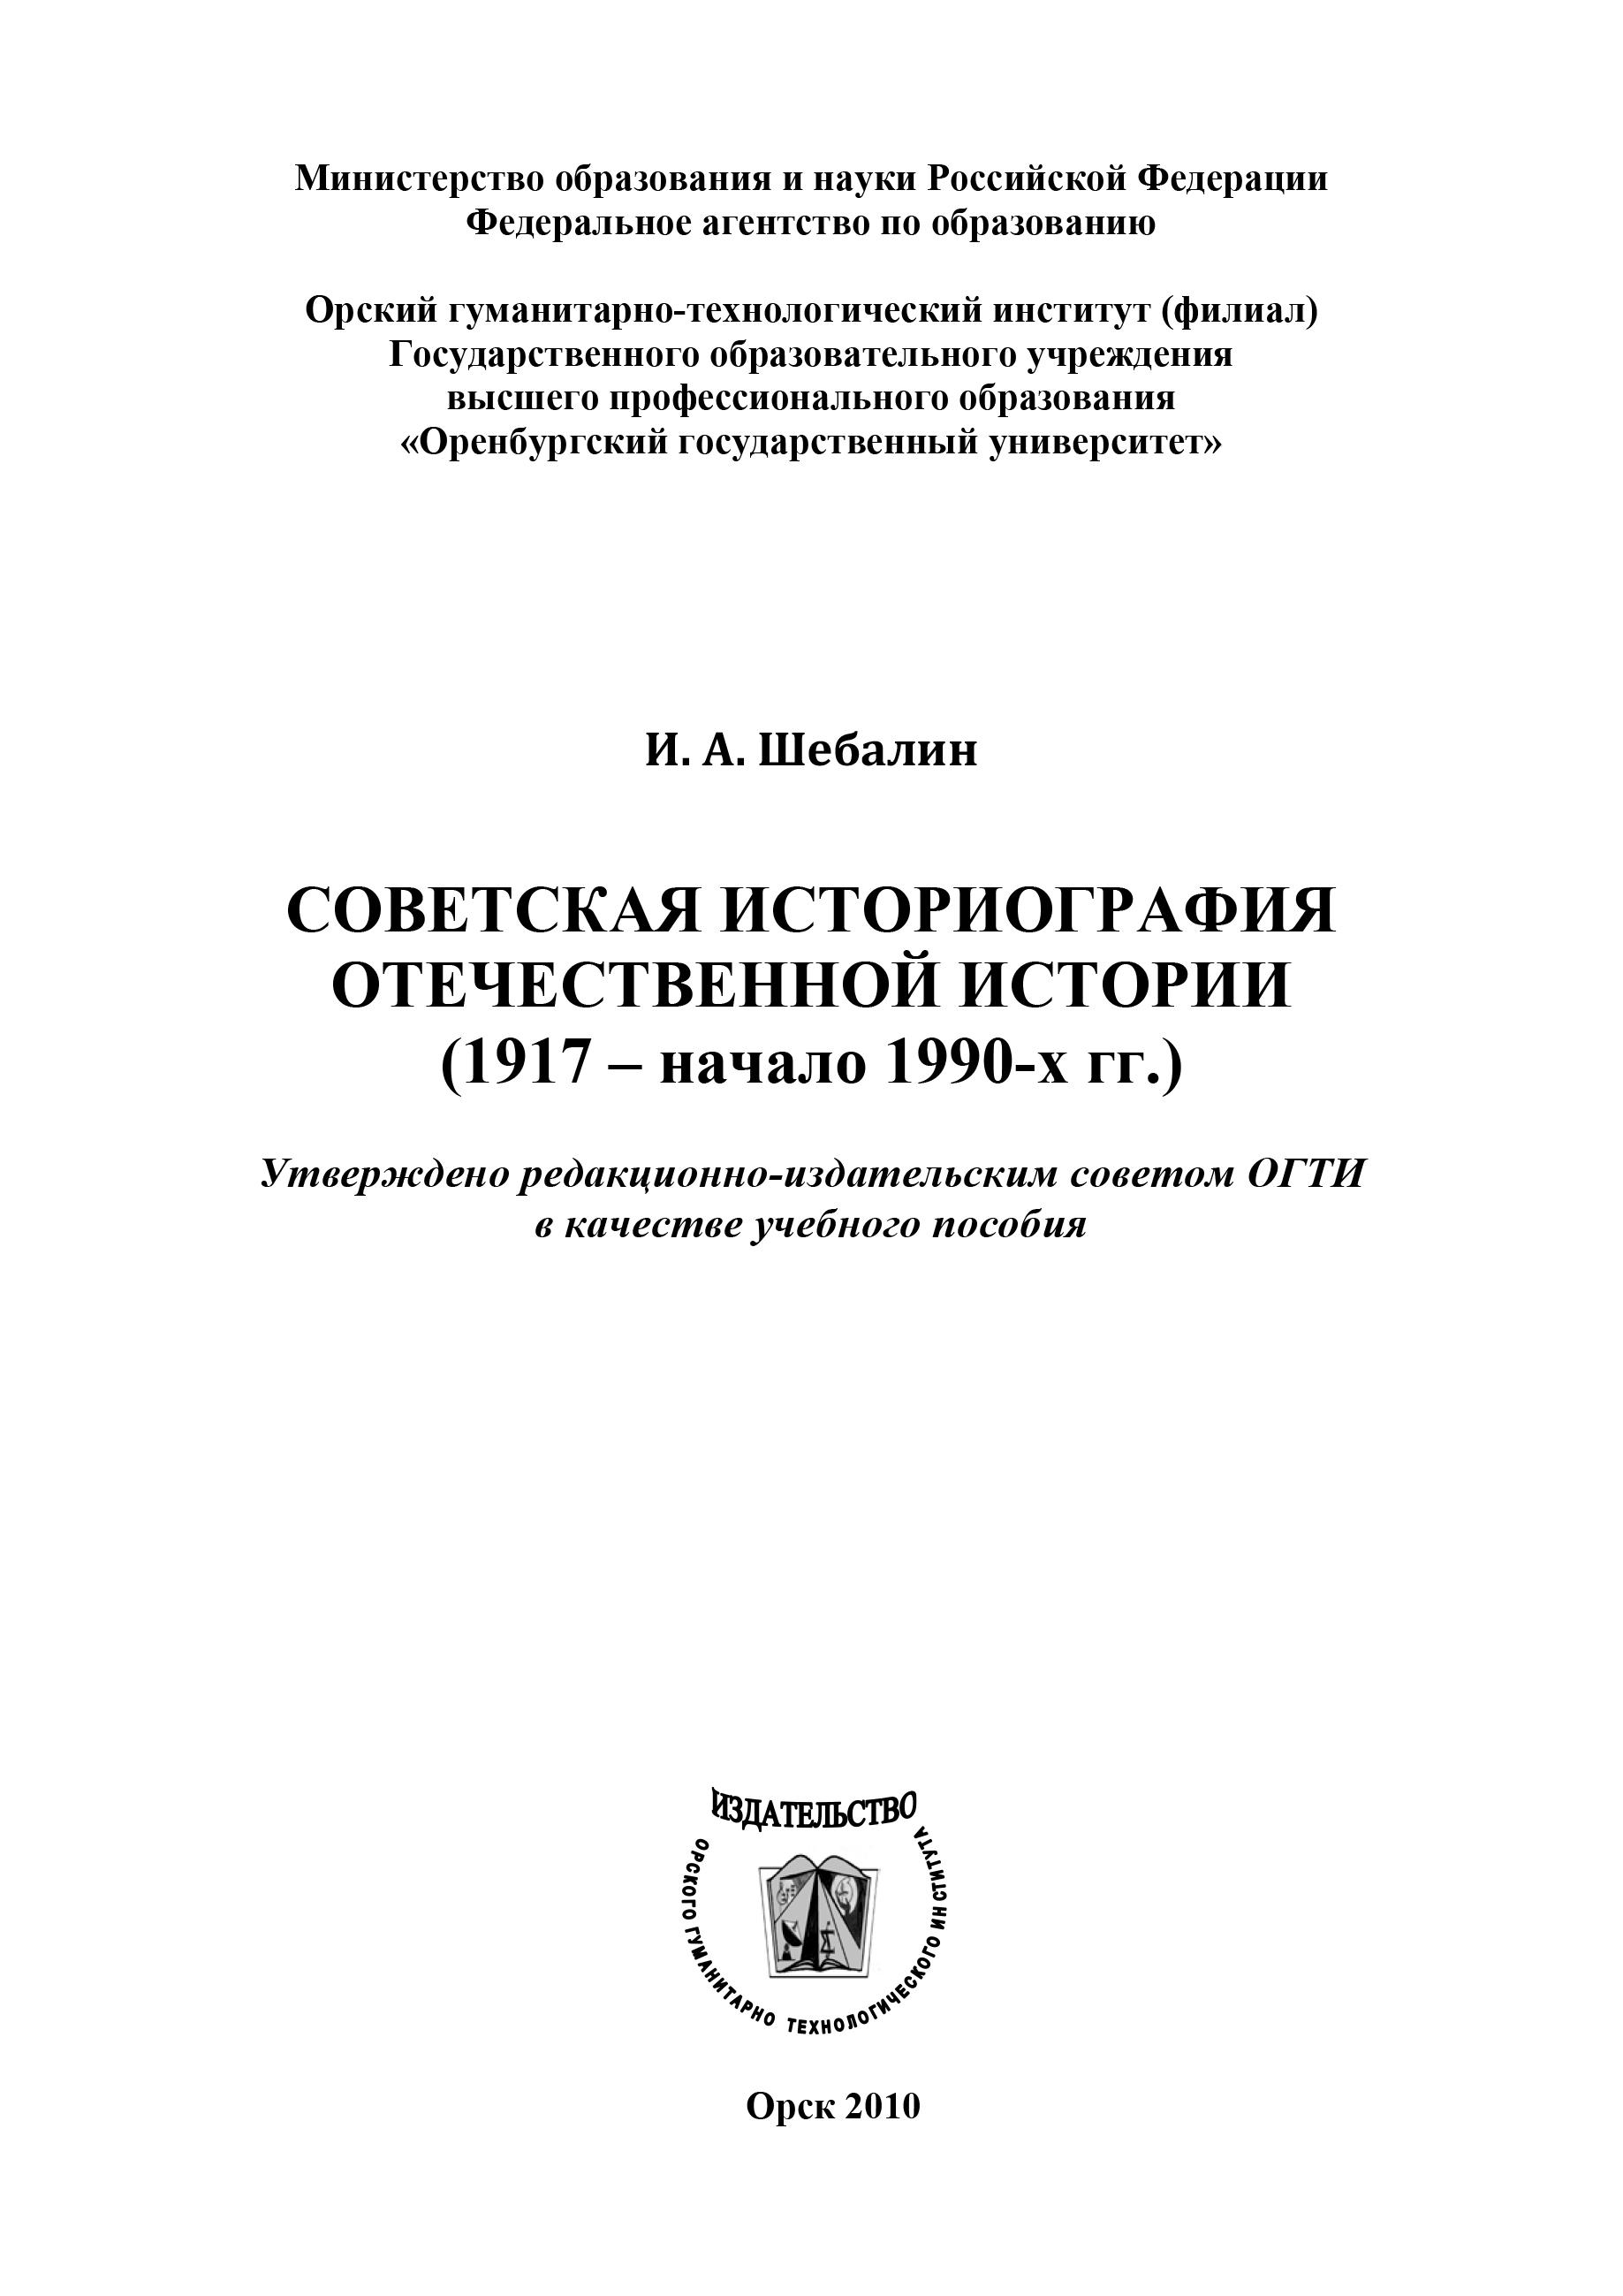 И. А. Шебалин Советская историография отечественной истории (1917 – начало 1990-х гг.)